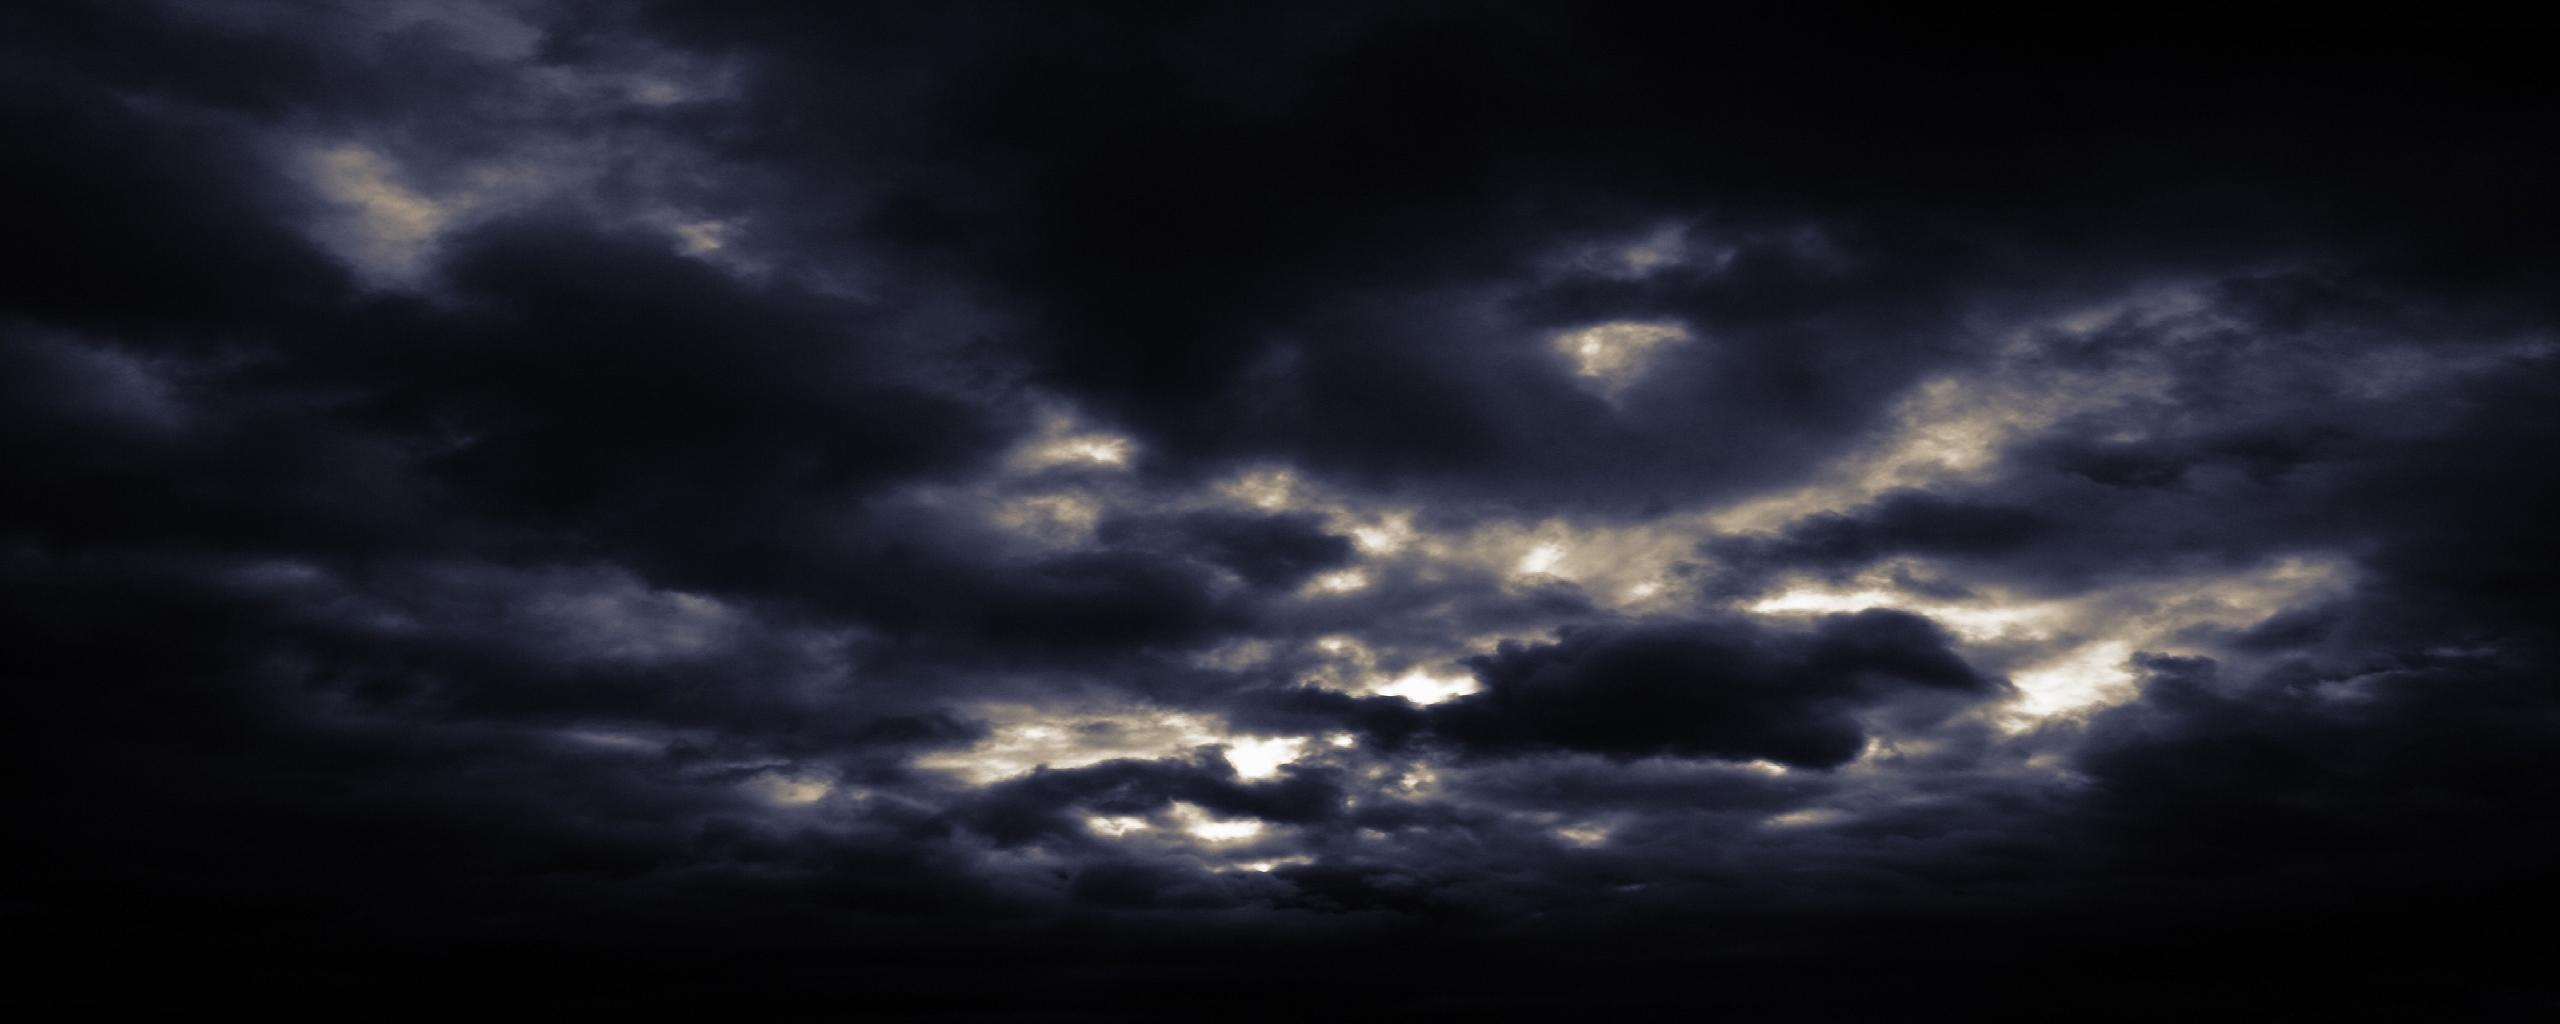 Dark Sky Wallpapers 2560x1024